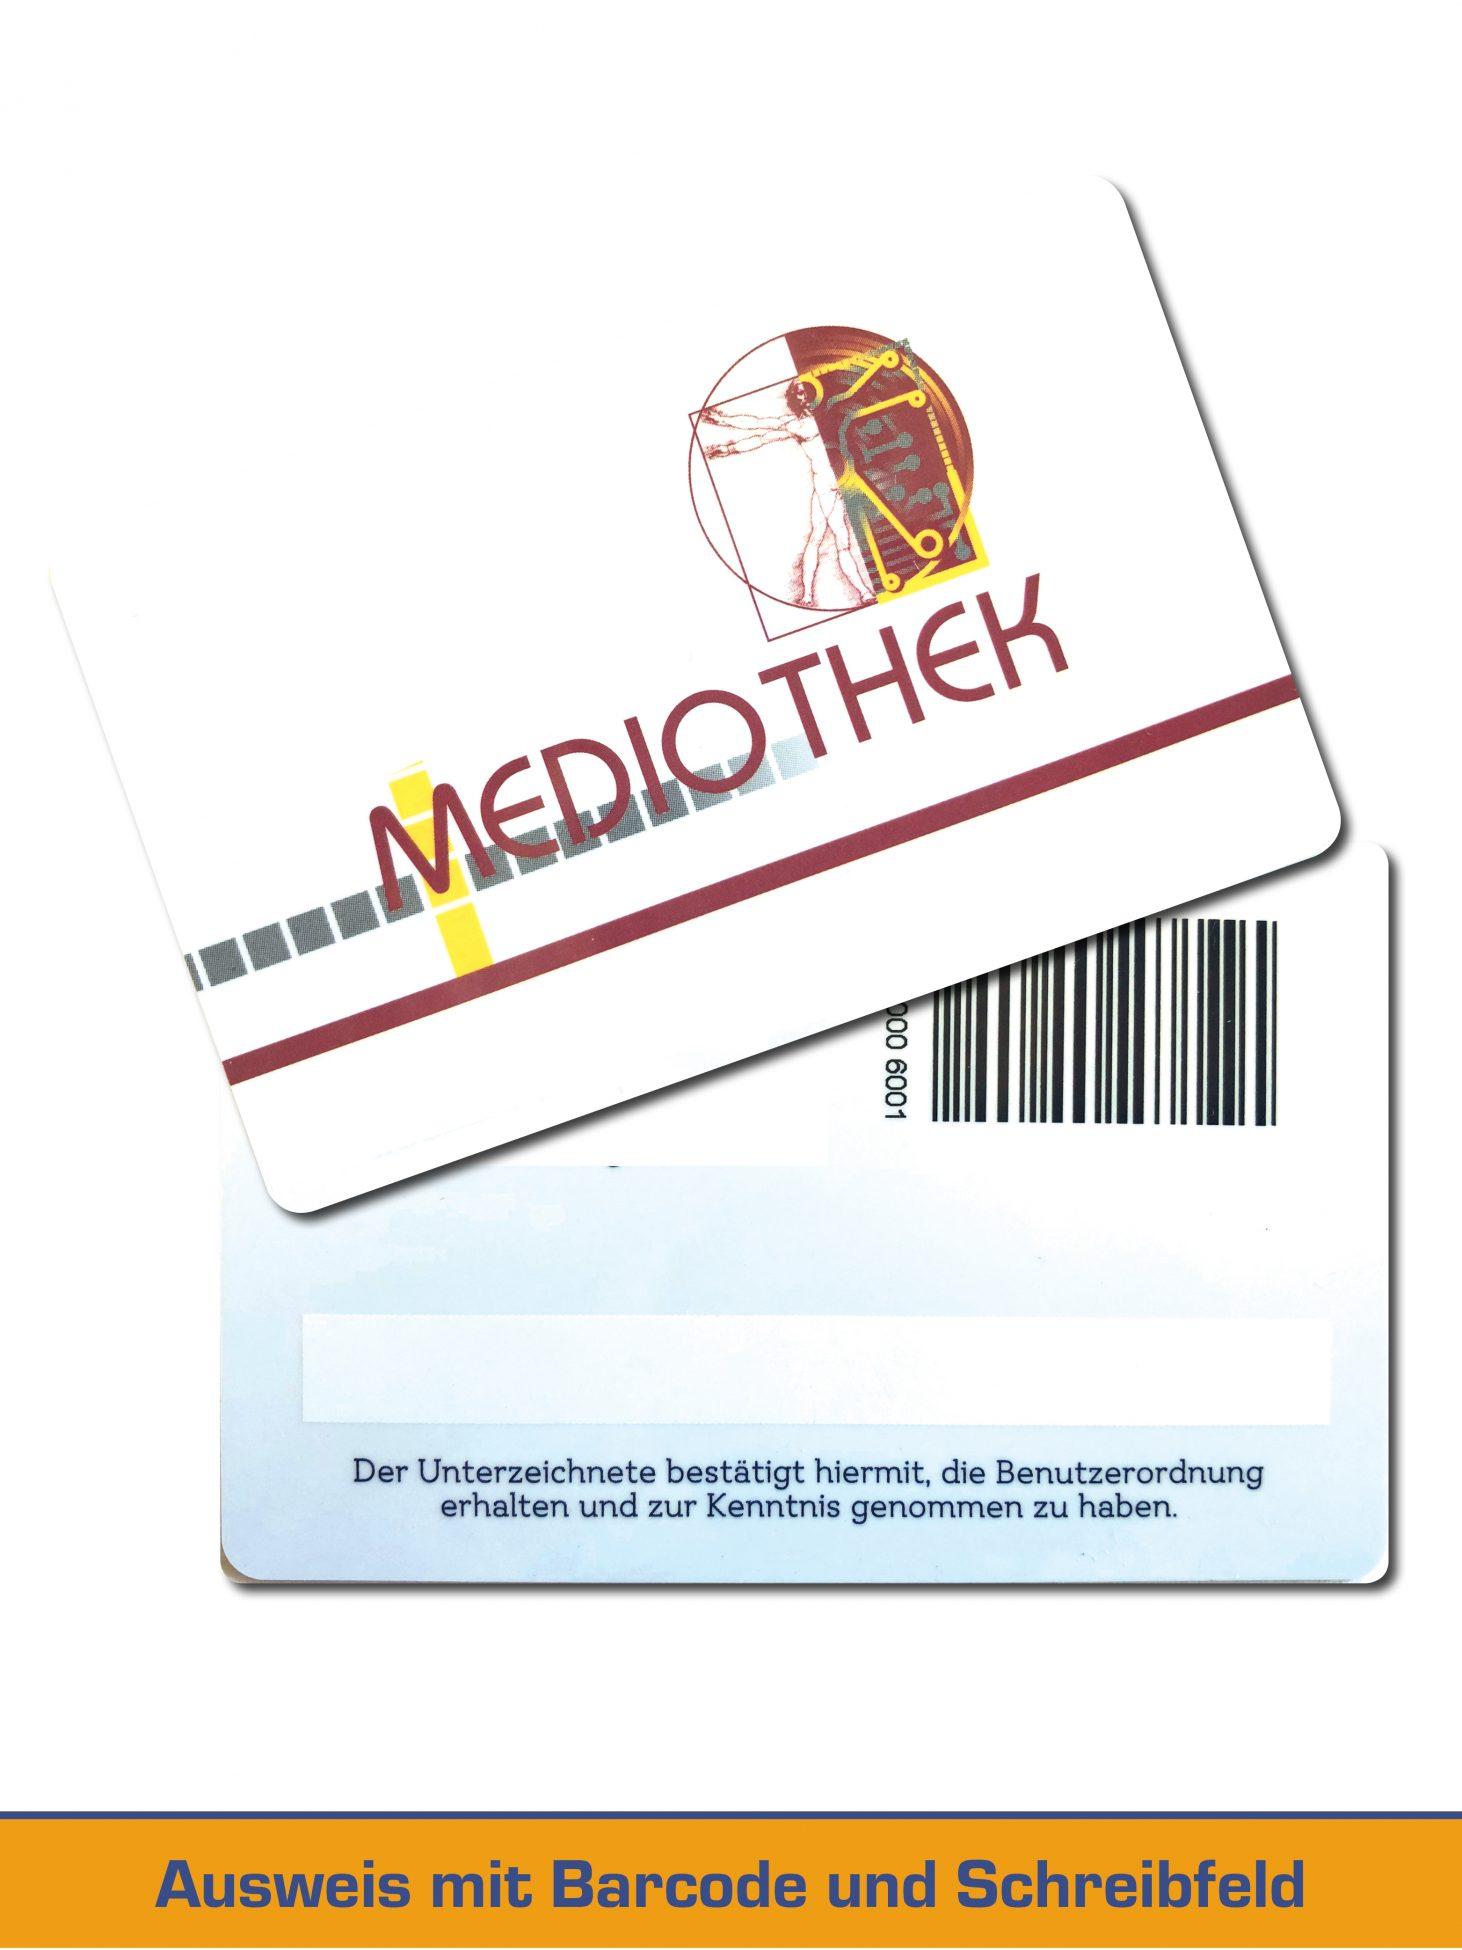 Bibliotheksausweis mit Barcode und Schreibfeld